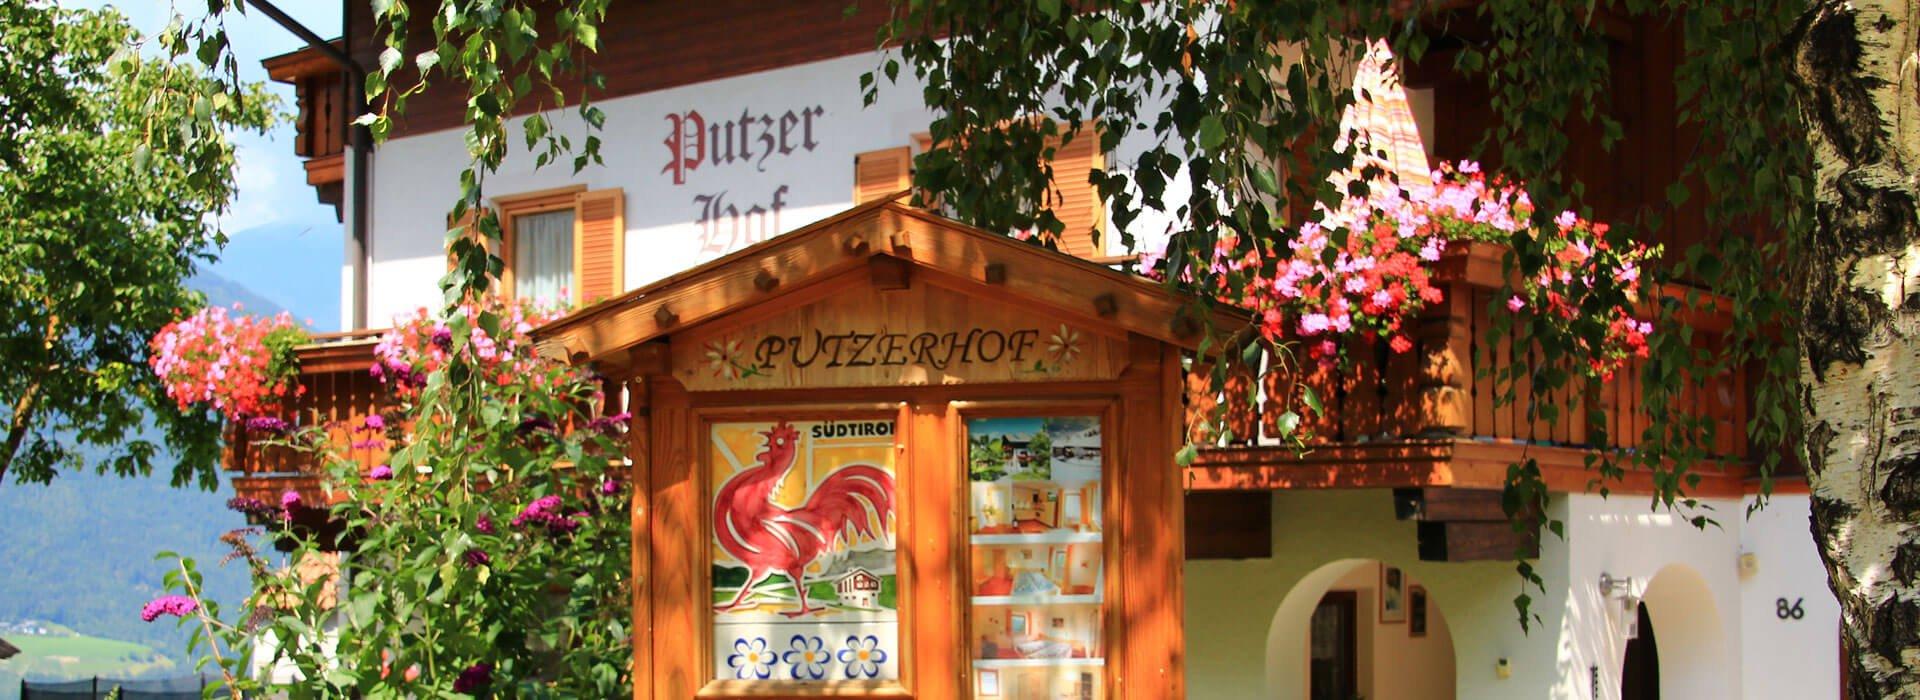 bauernhofurlaub-suedtirol-putzerhof